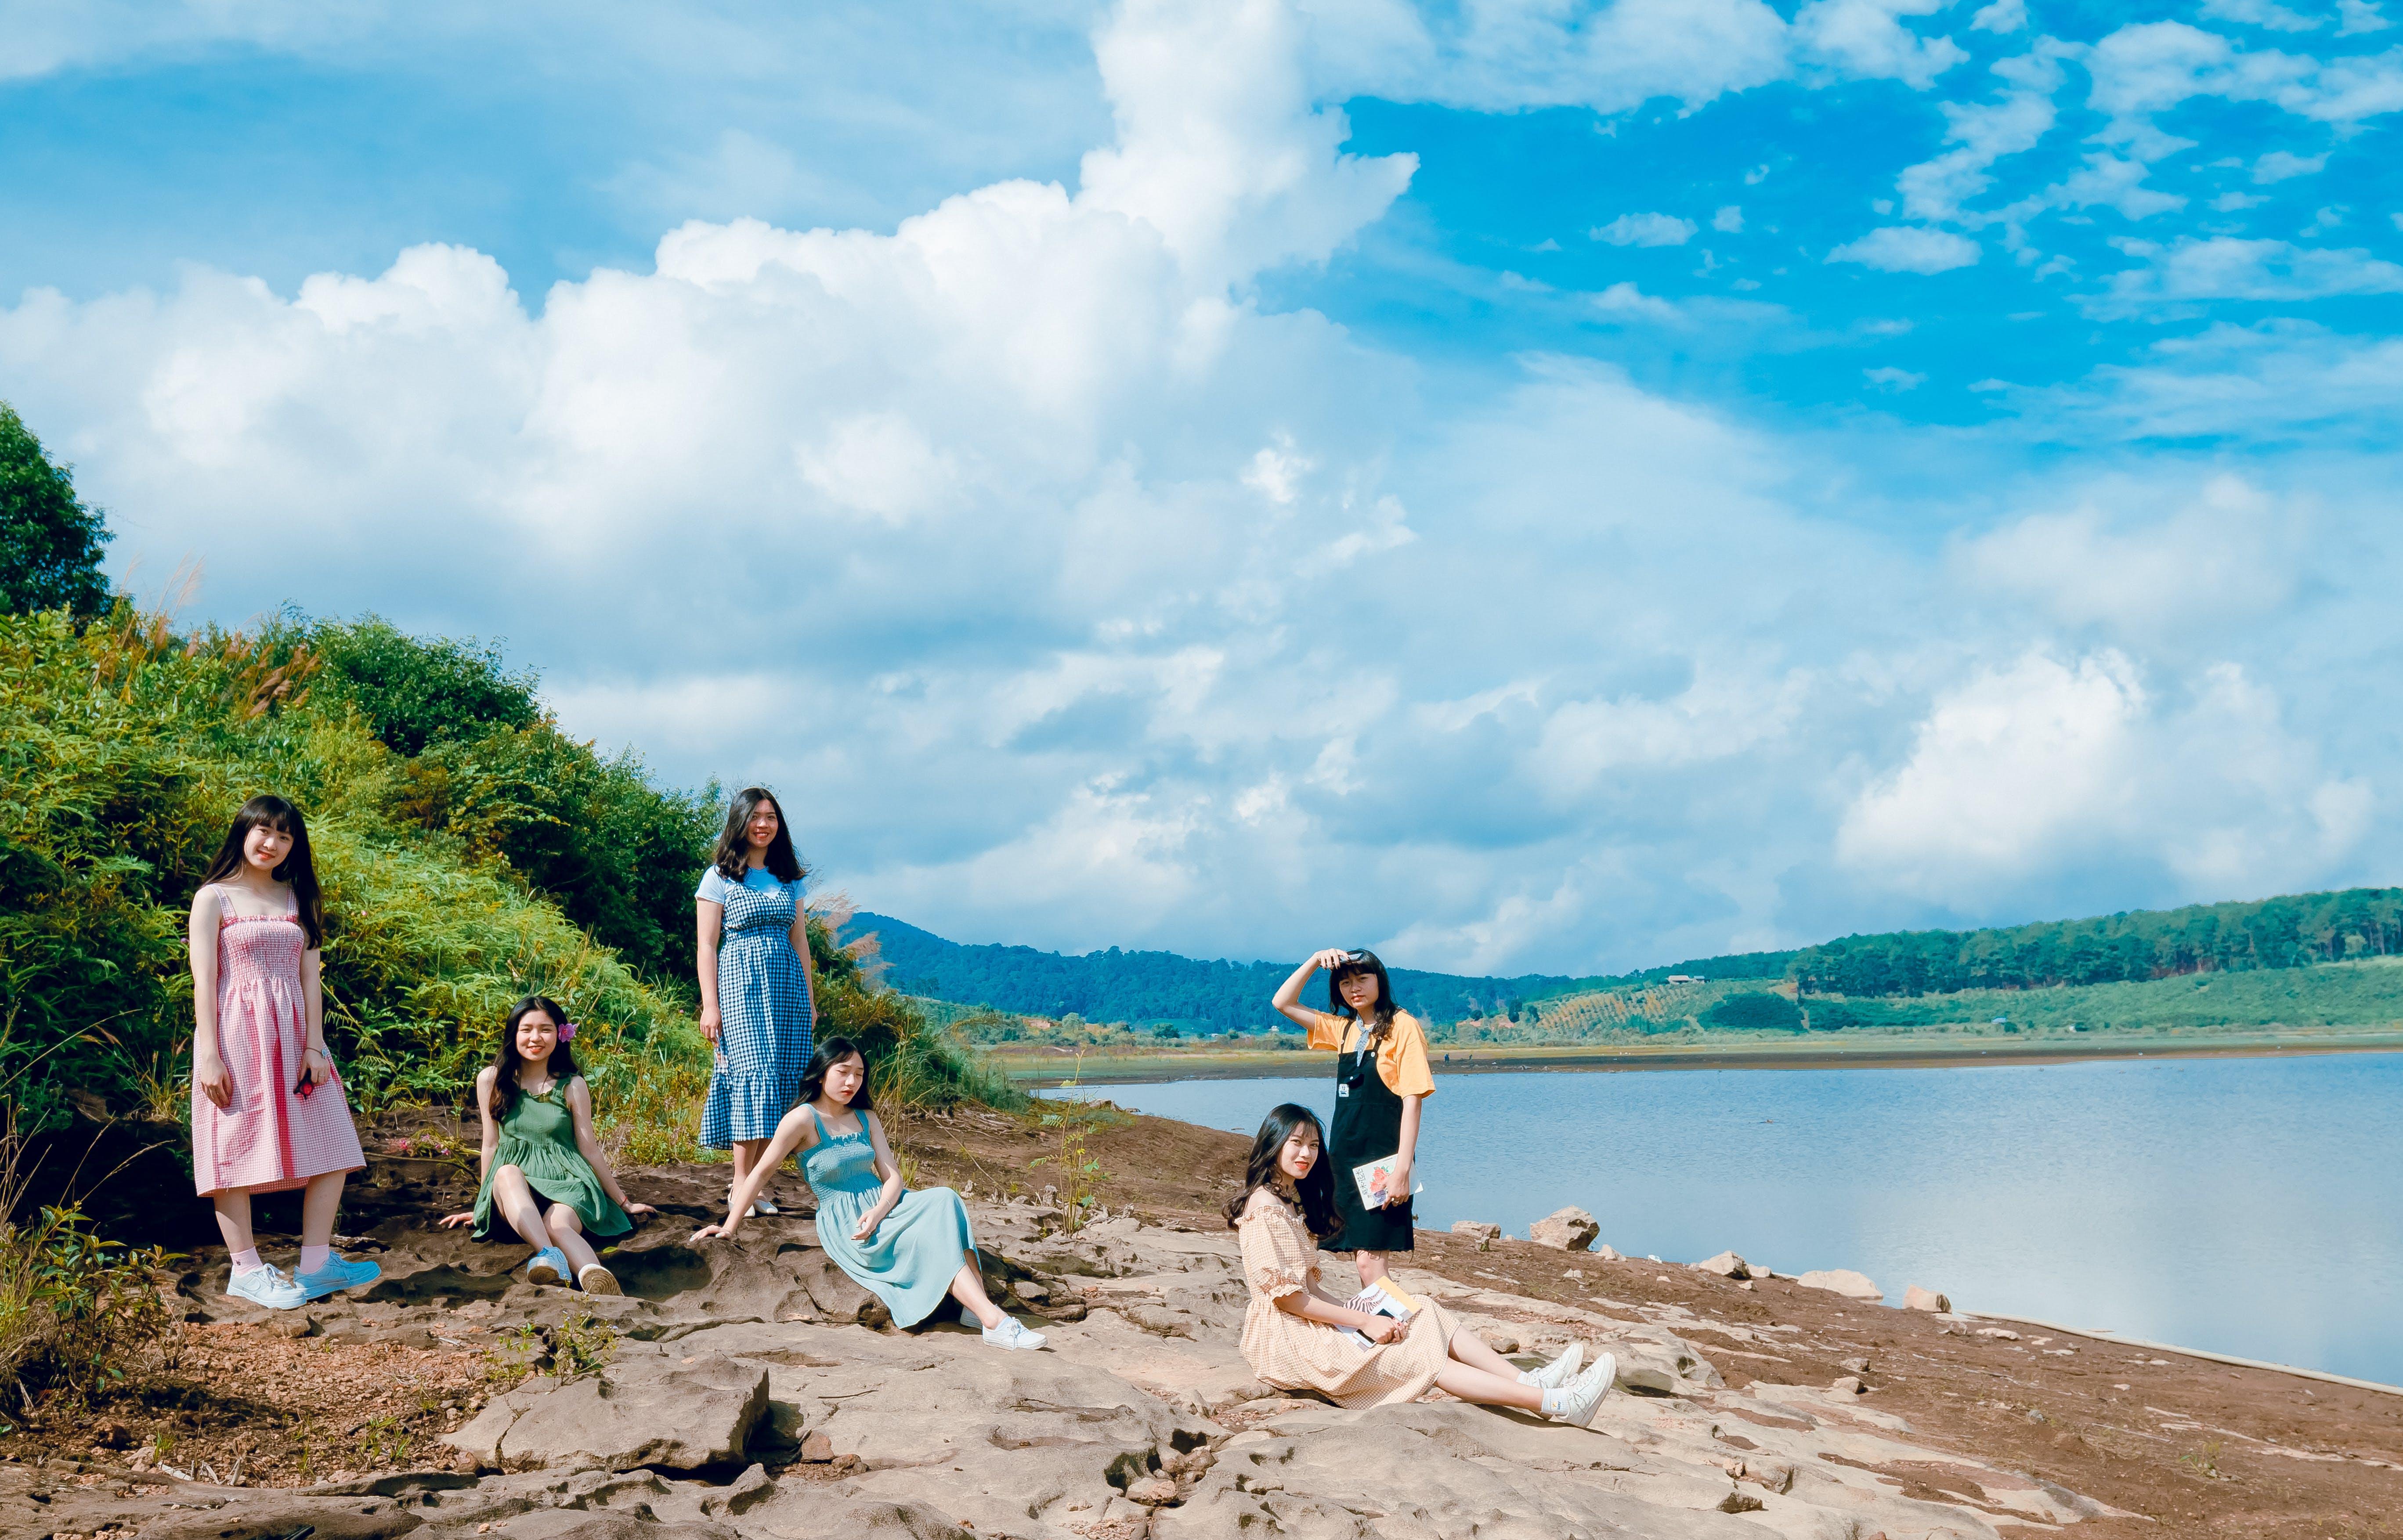 亞洲女孩, 天空, 女性, 朋友 的 免費圖庫相片